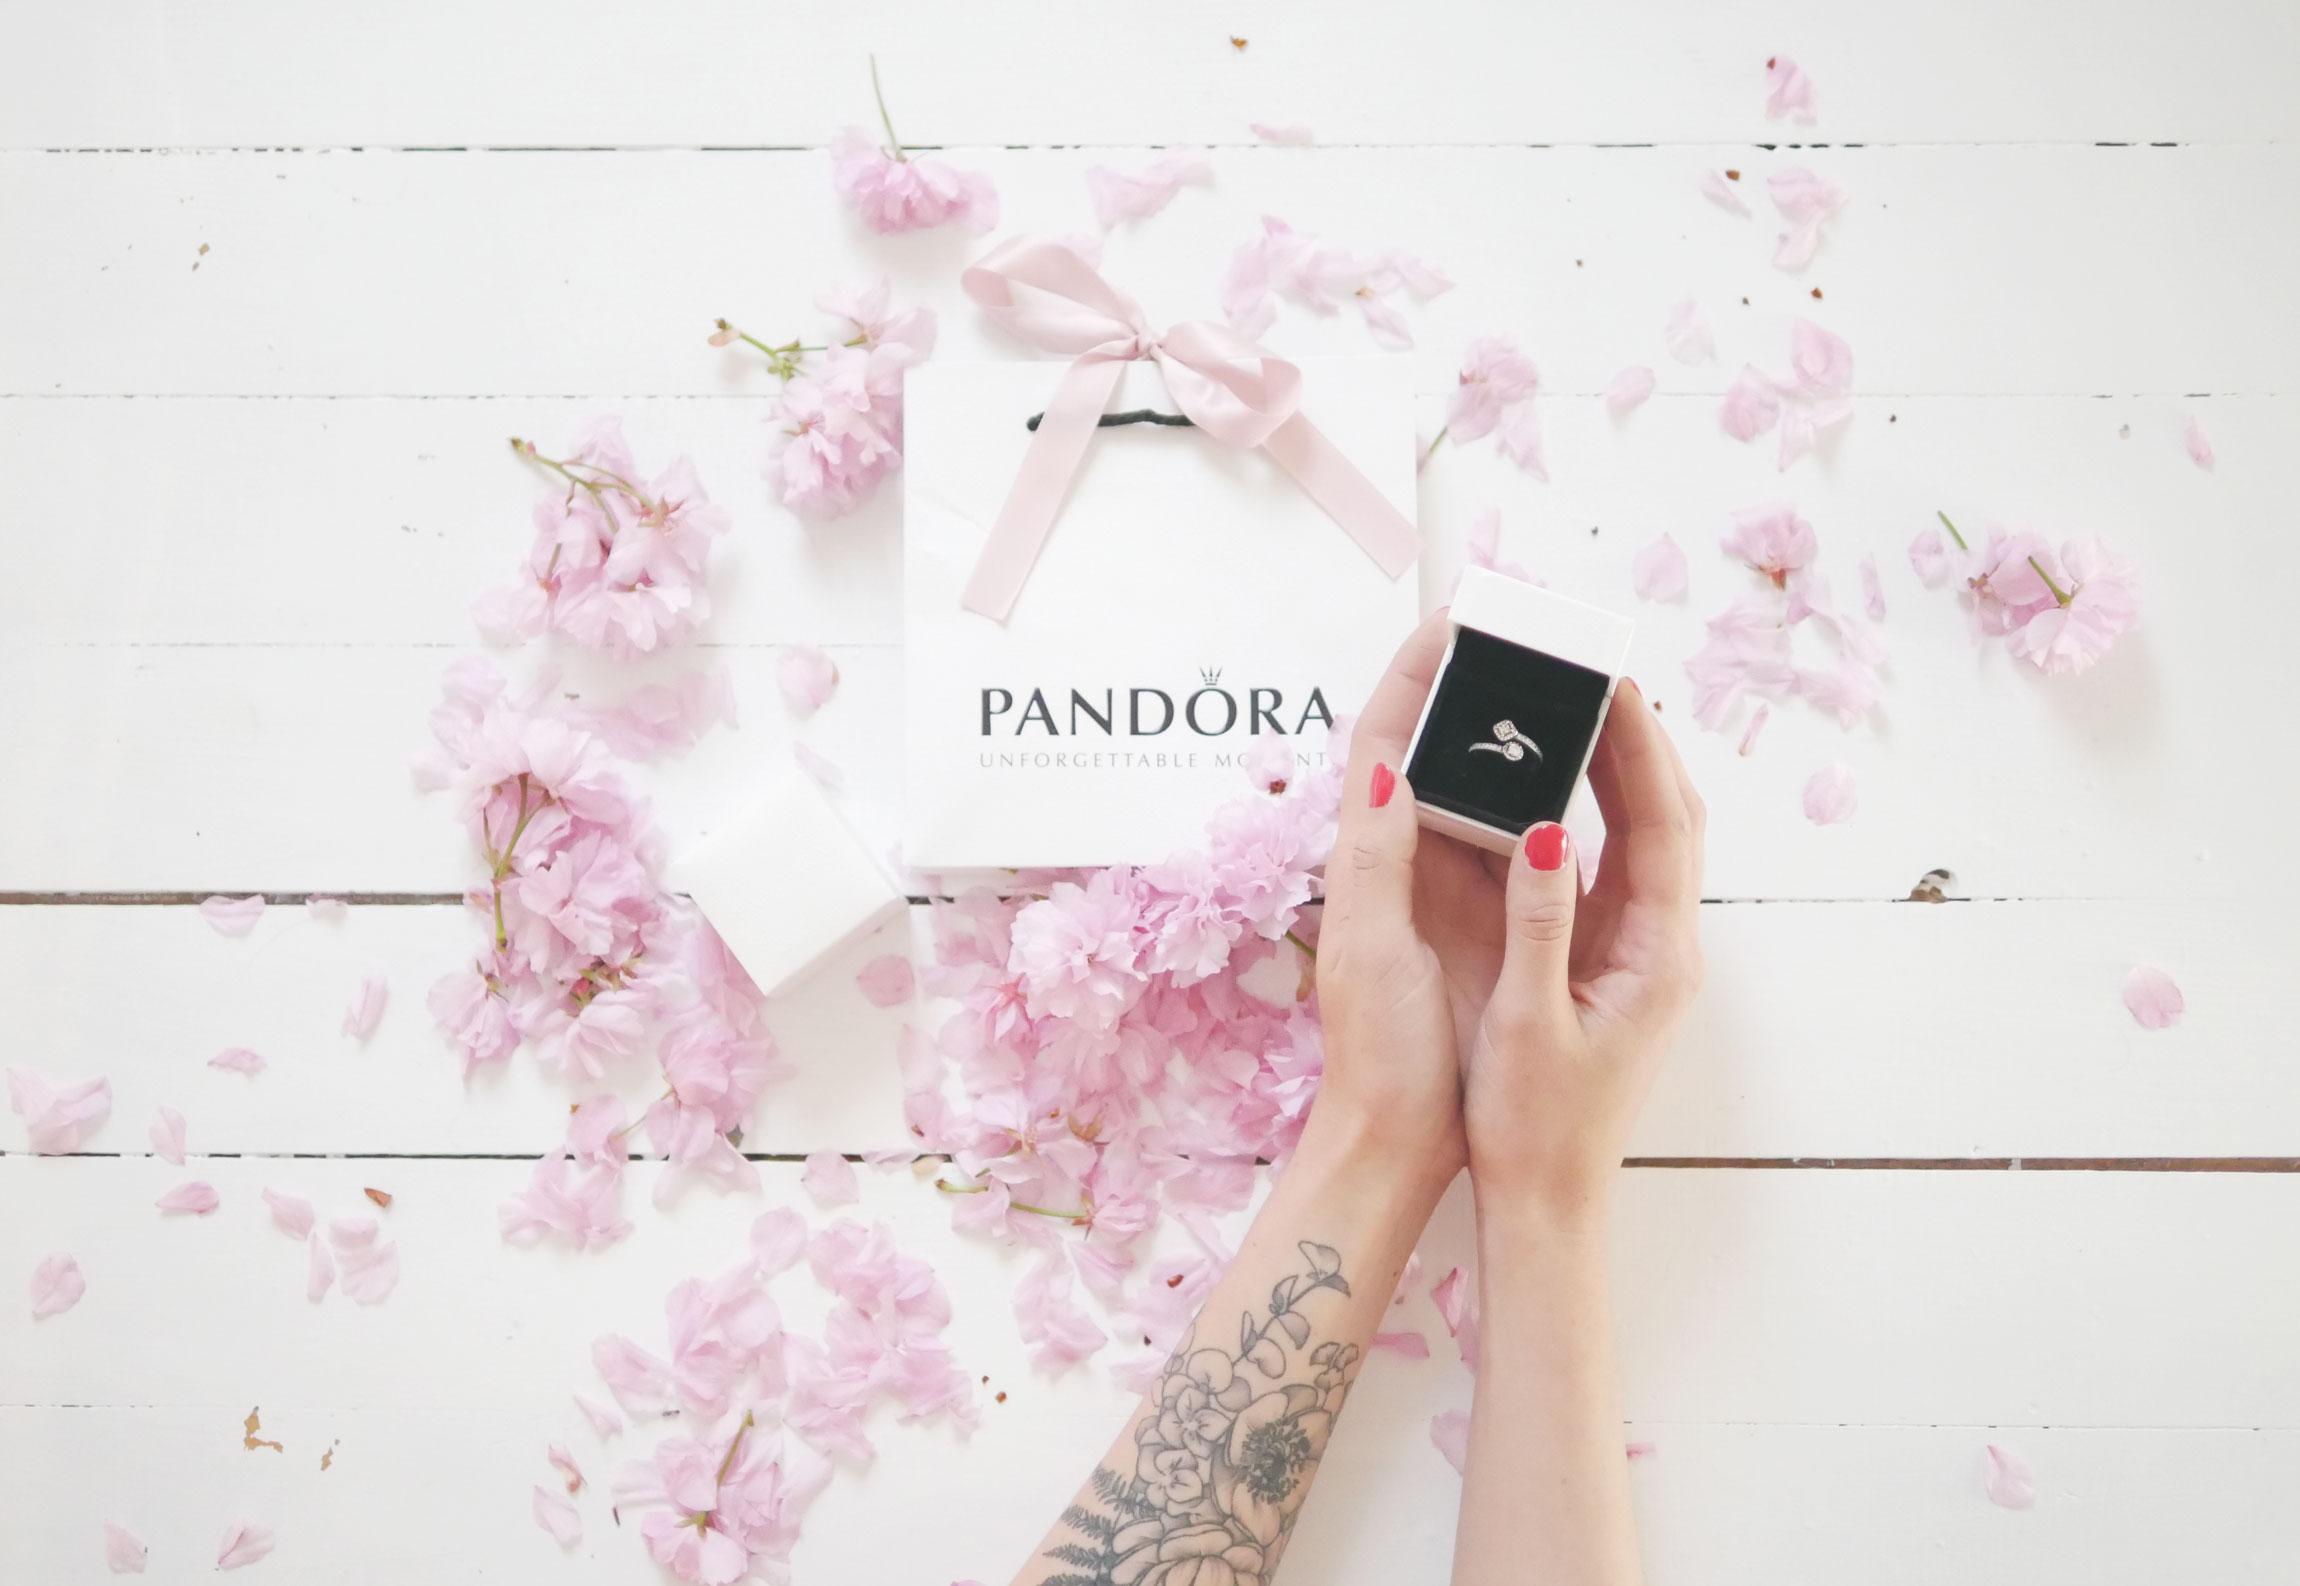 bijoux-pandora-printemps